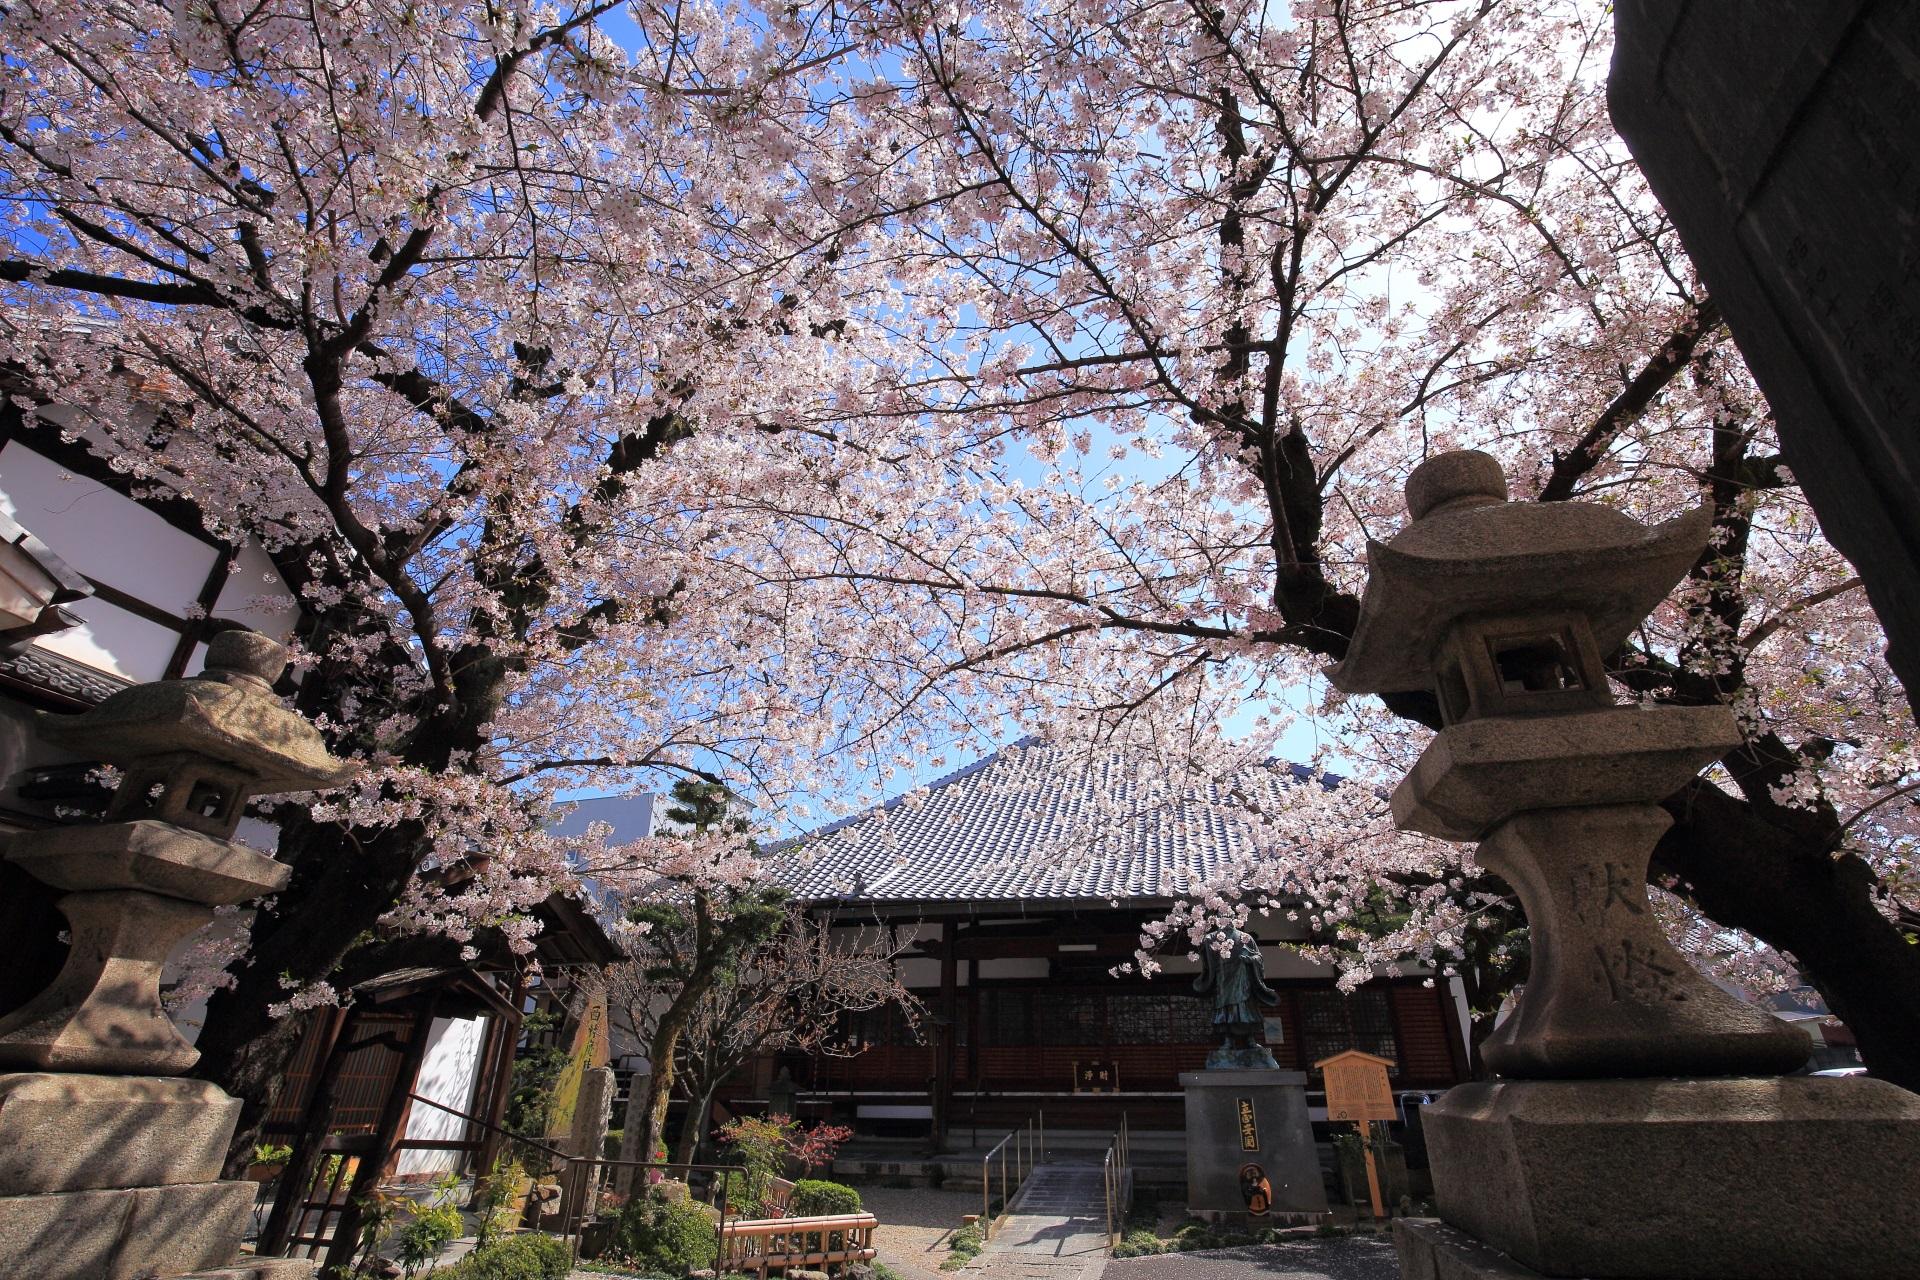 墨染寺の素晴らしい桜と春の情景